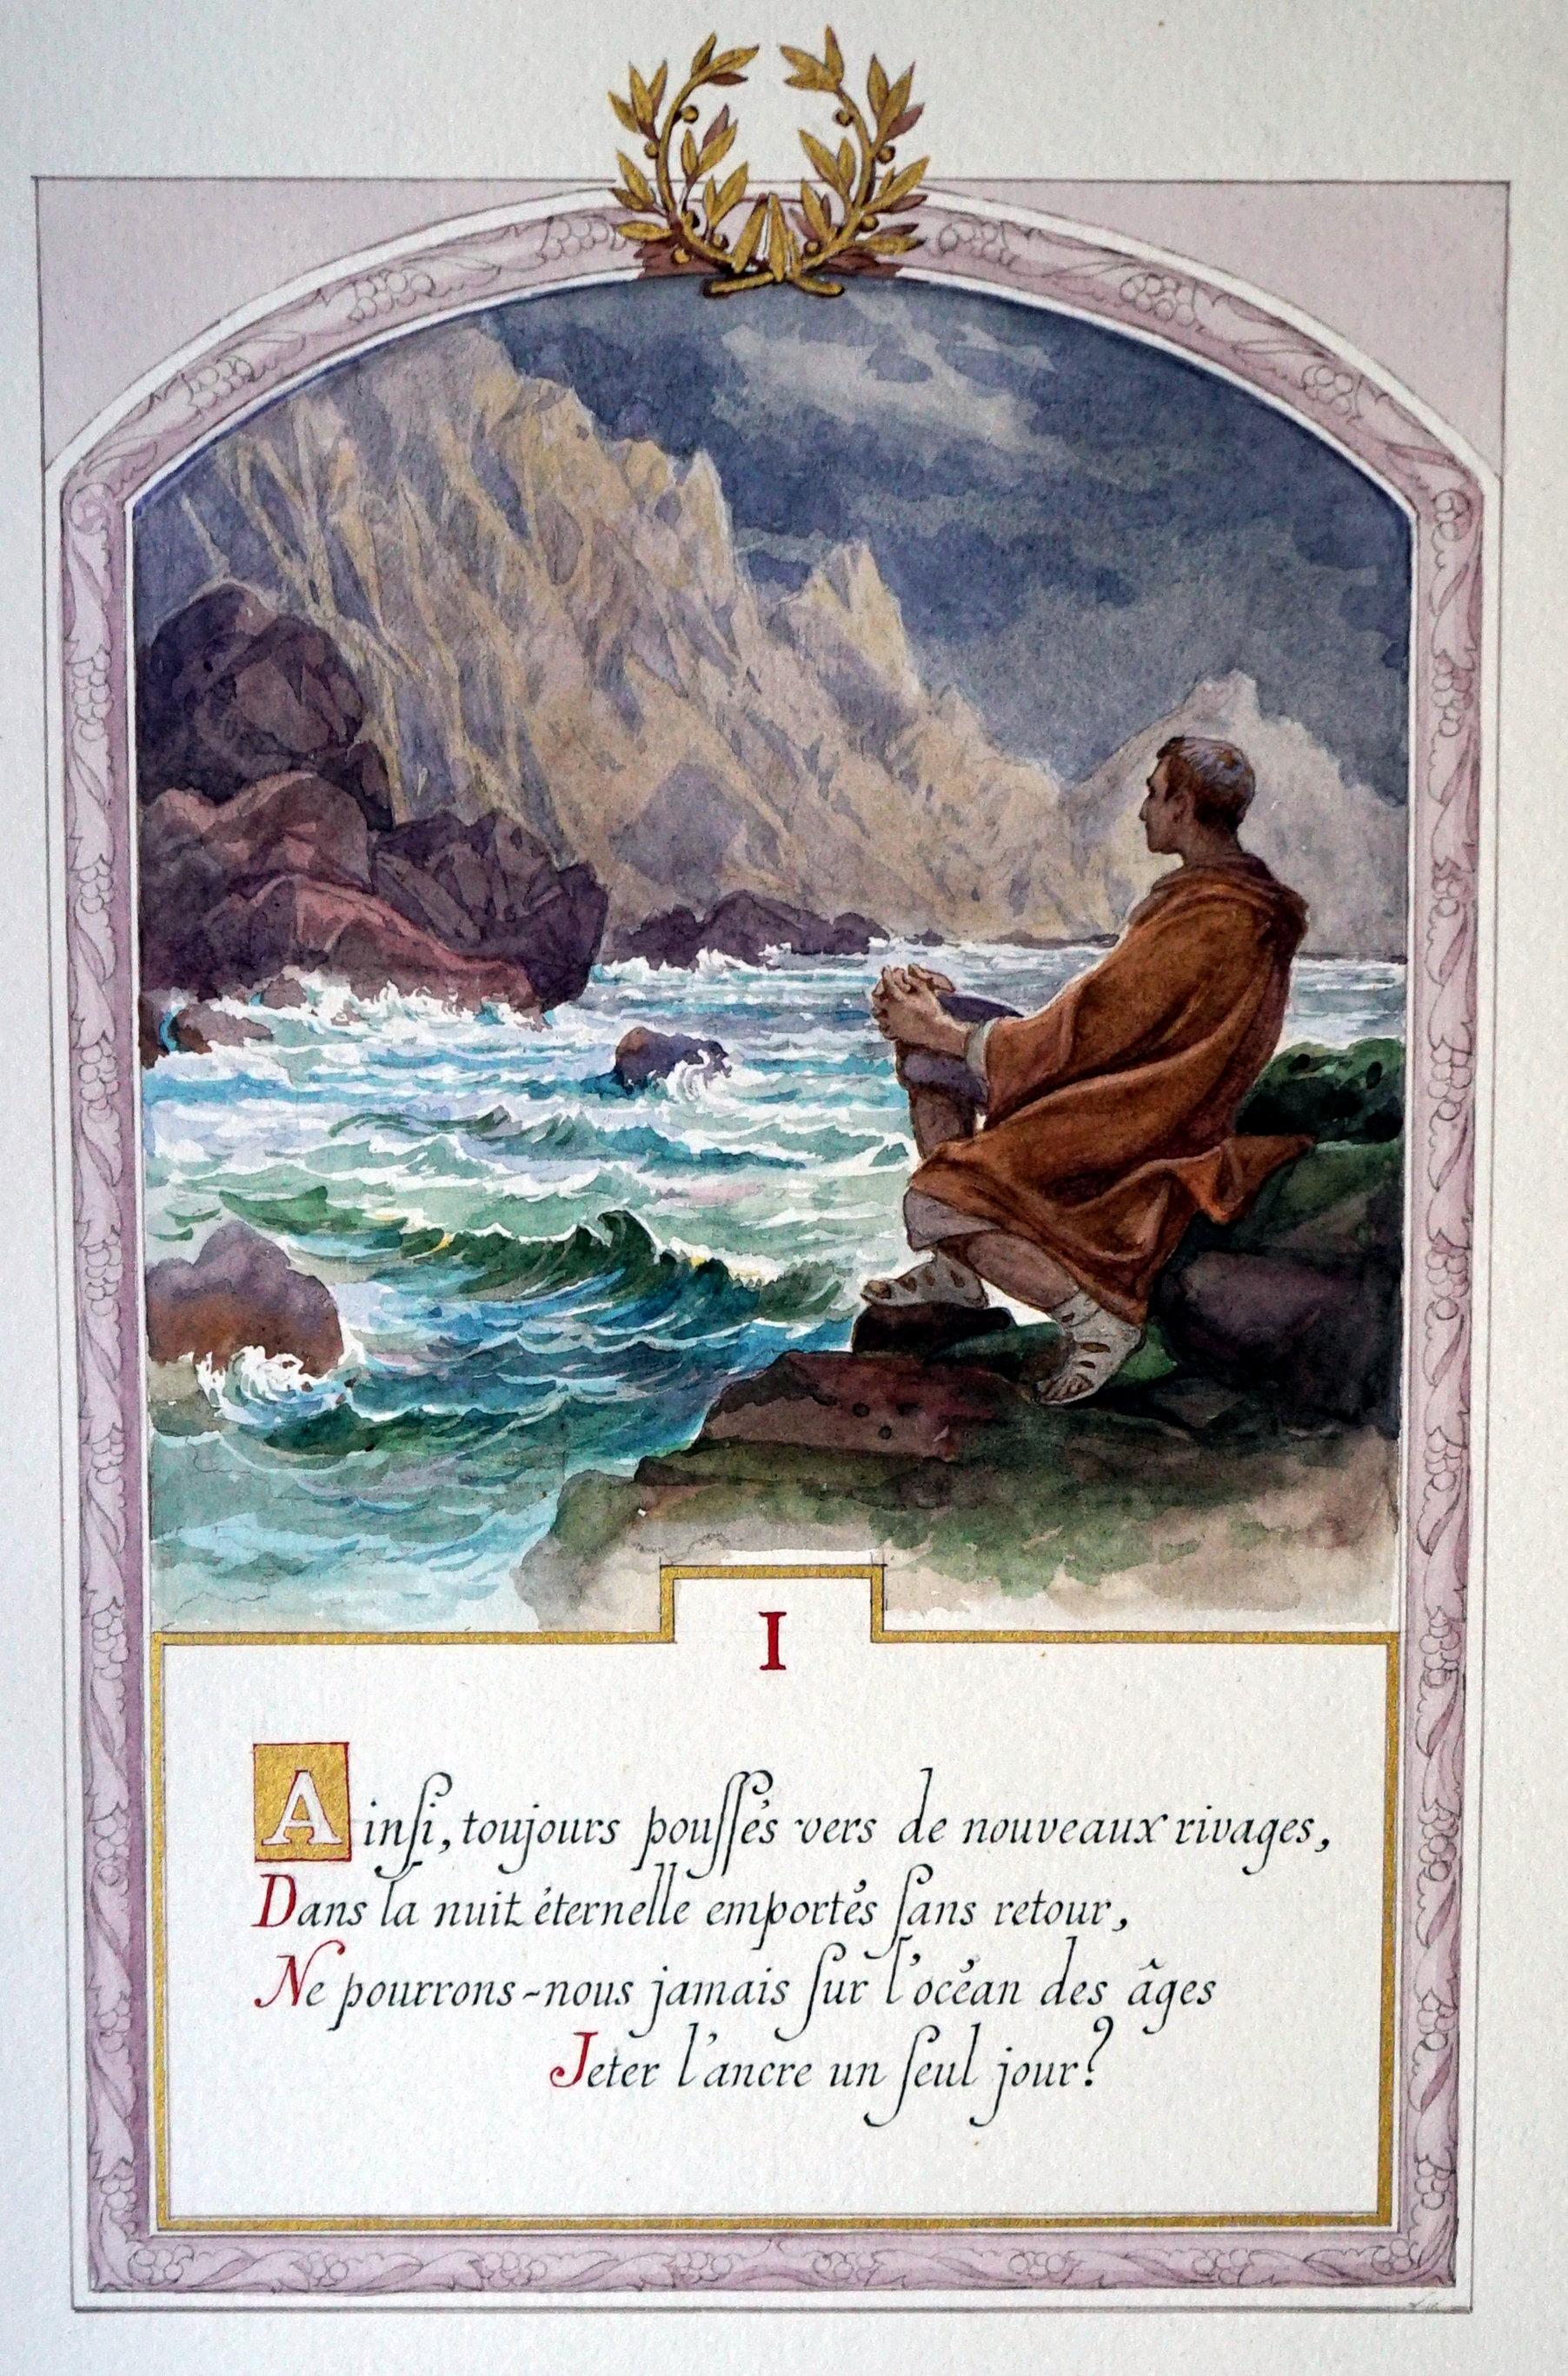 Alphonse De Lamartine Le Lac : alphonse, lamartine, (poème), Wikipédia